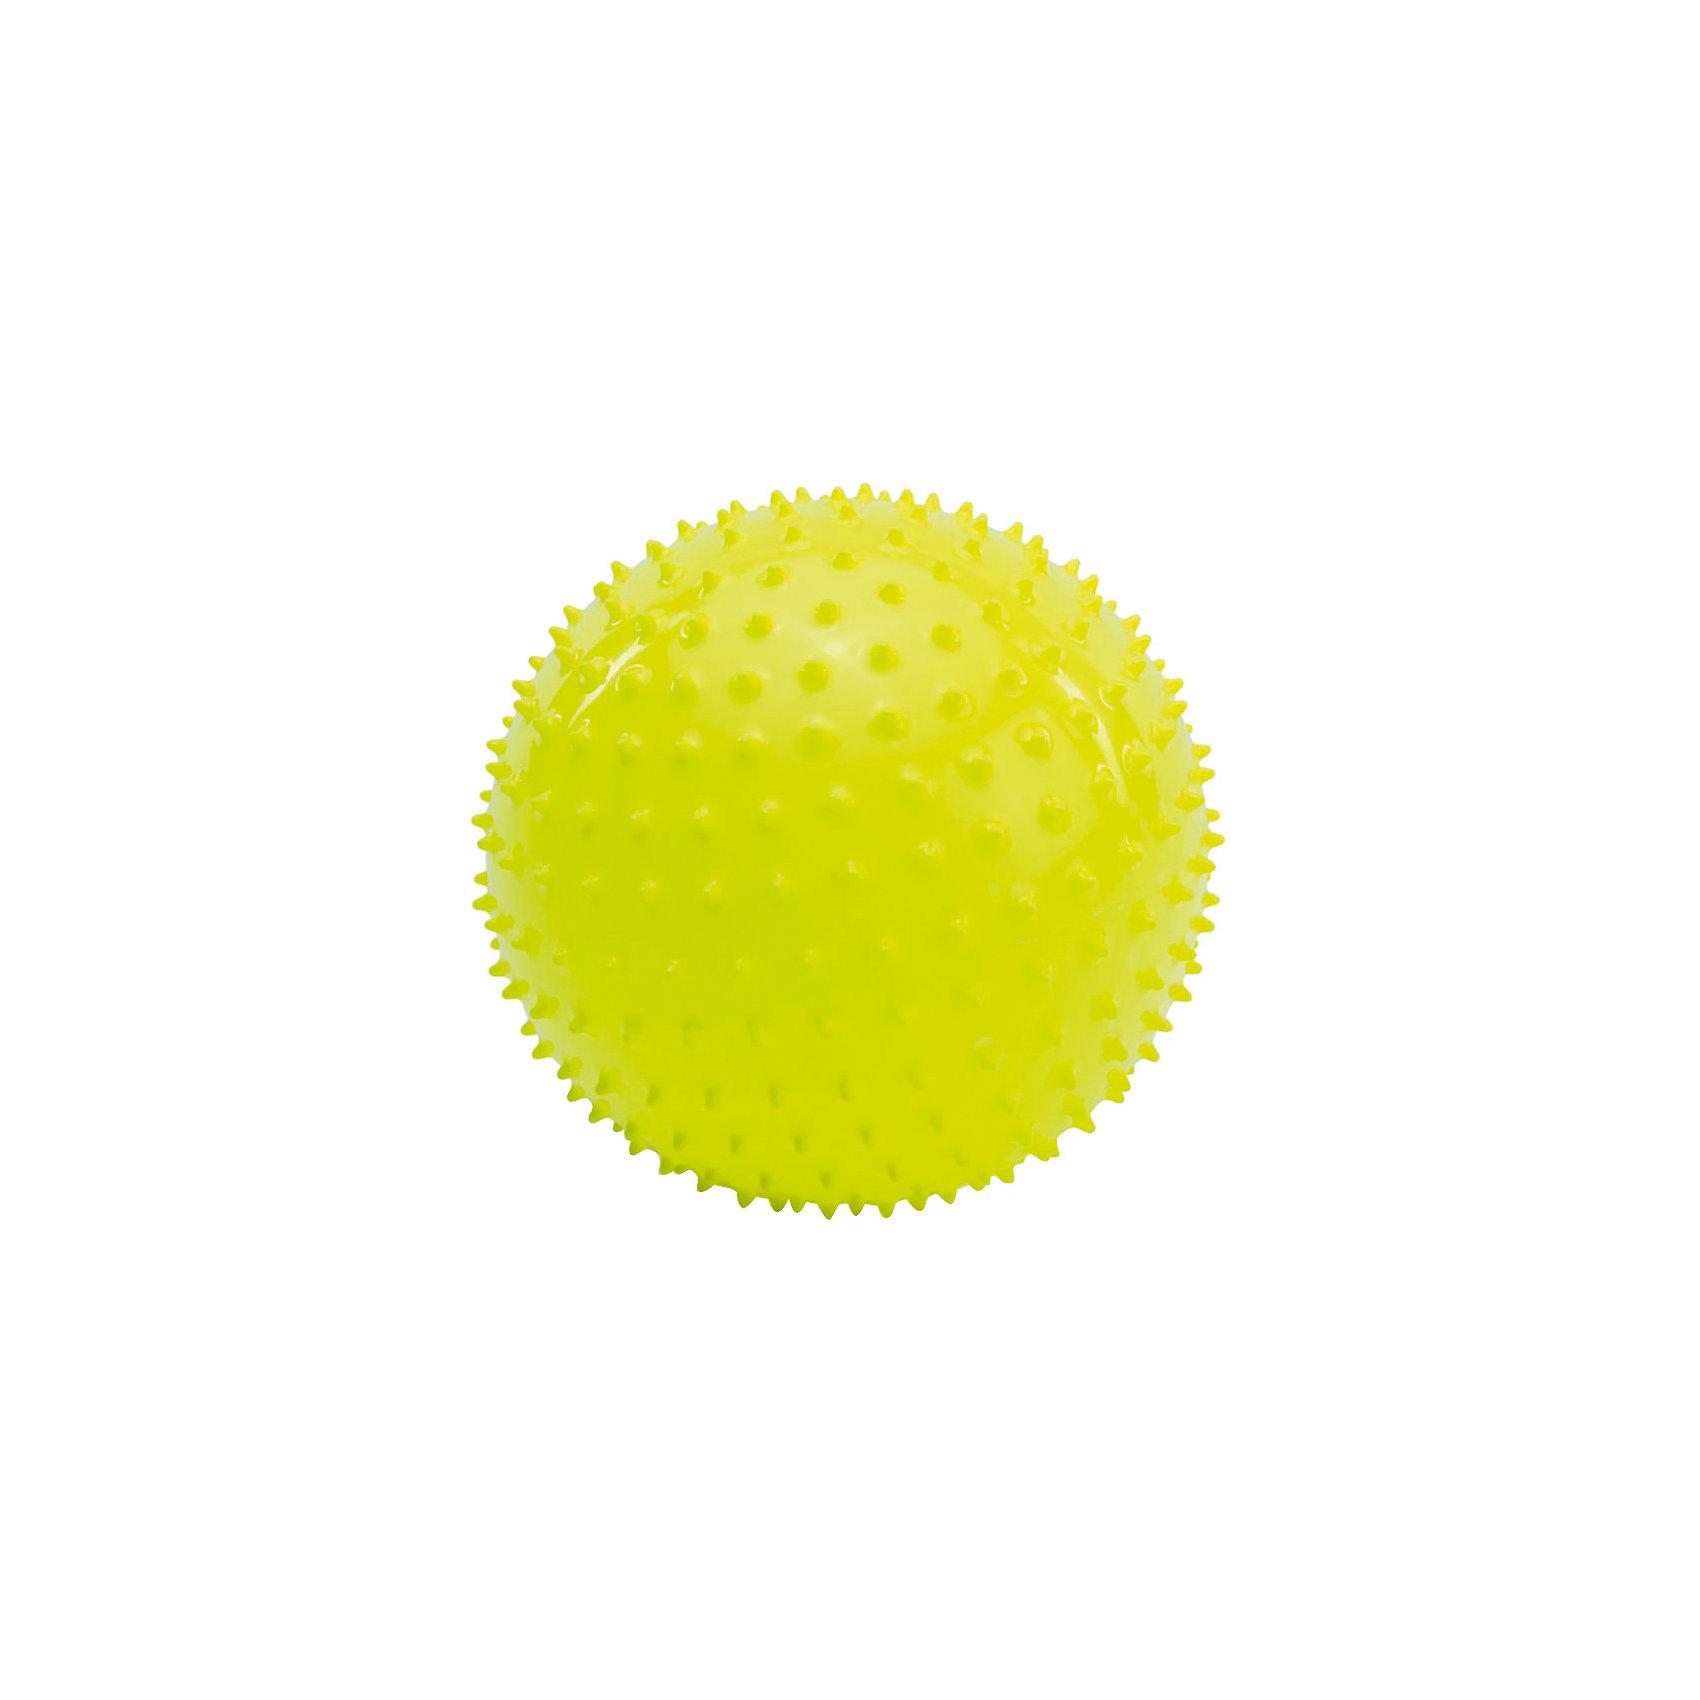 Pic'nMix Массажно-игровой мяч, 18 см, Pic'nMix мячи pic n mix мяч массажно игровой большой 18 см